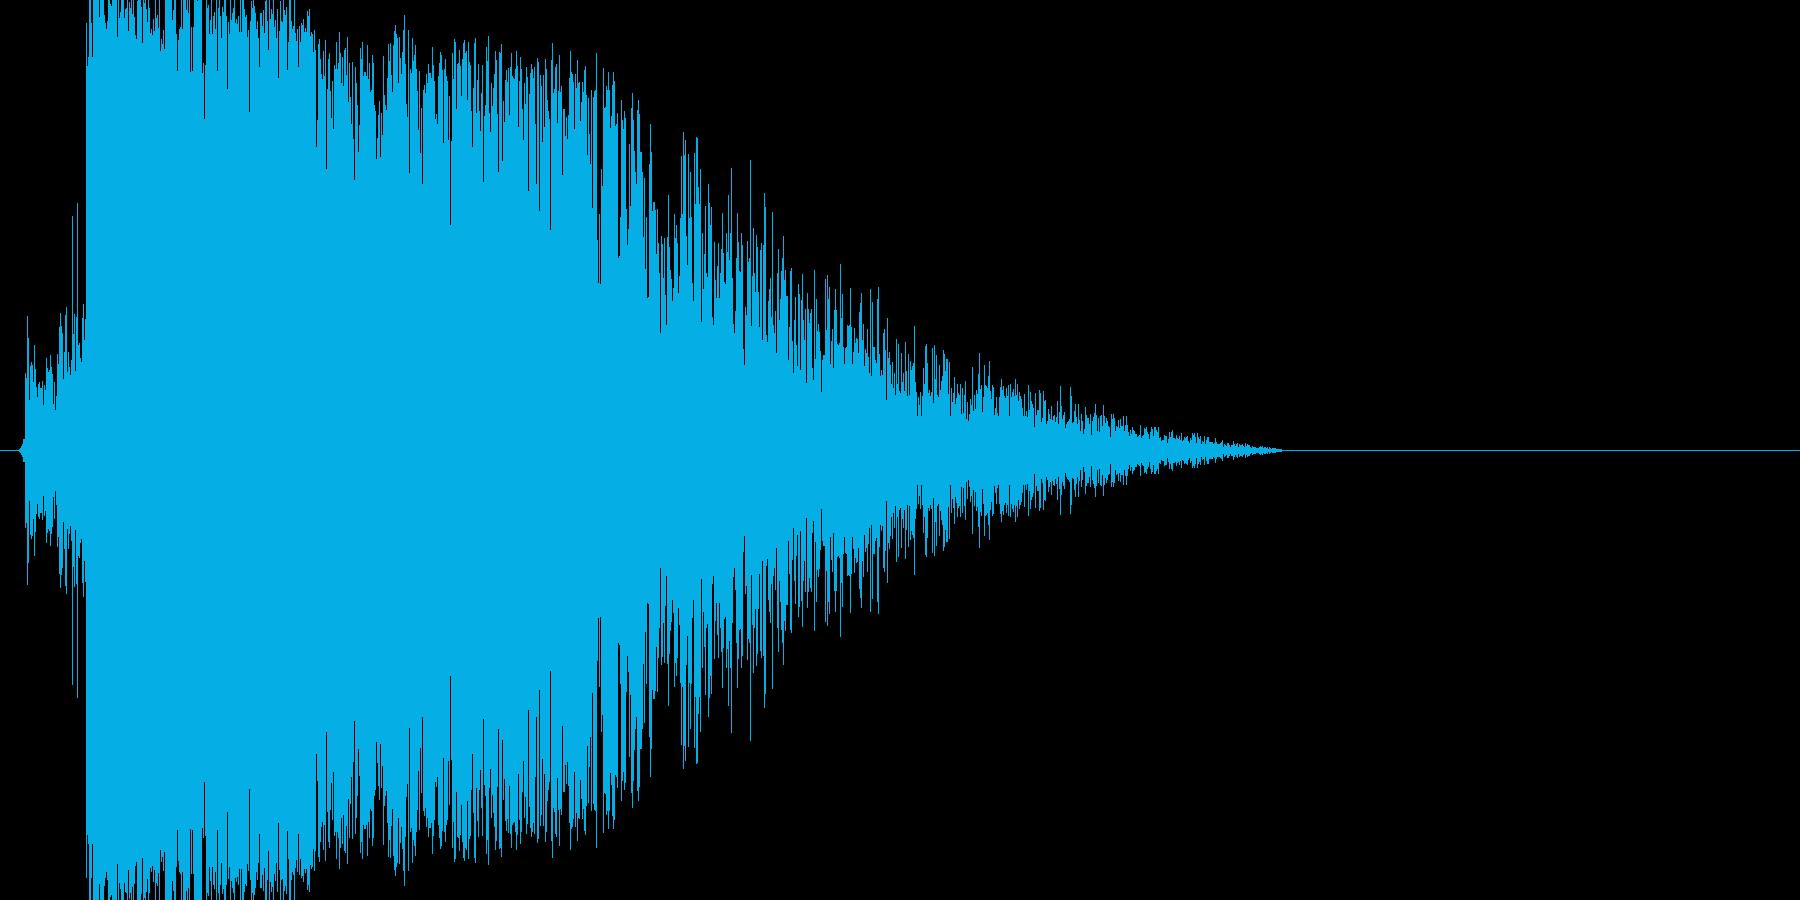 キュイン!というインパクトのある効果音の再生済みの波形